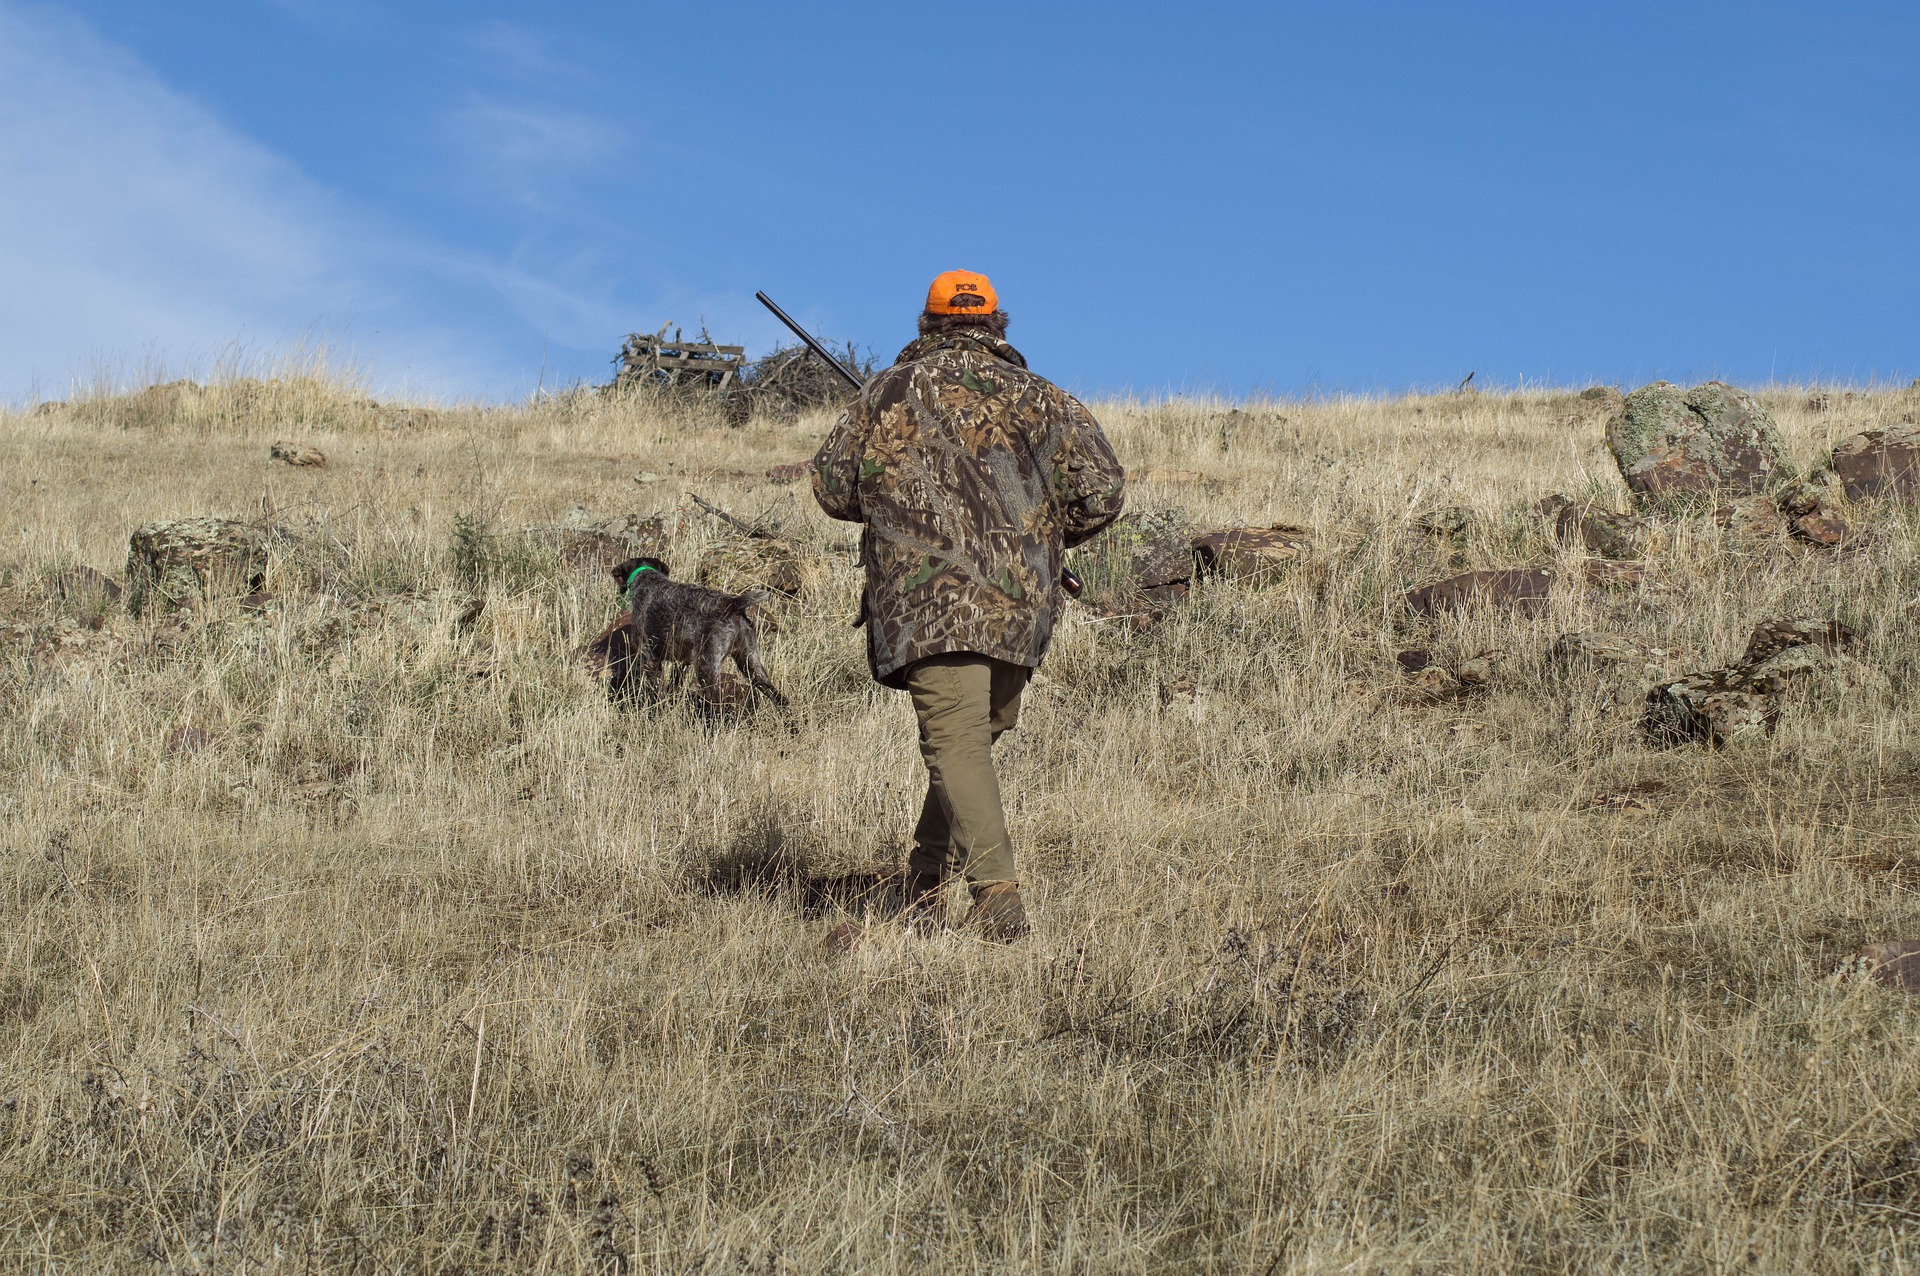 ¿Cuántos cotos de caza hay en España?